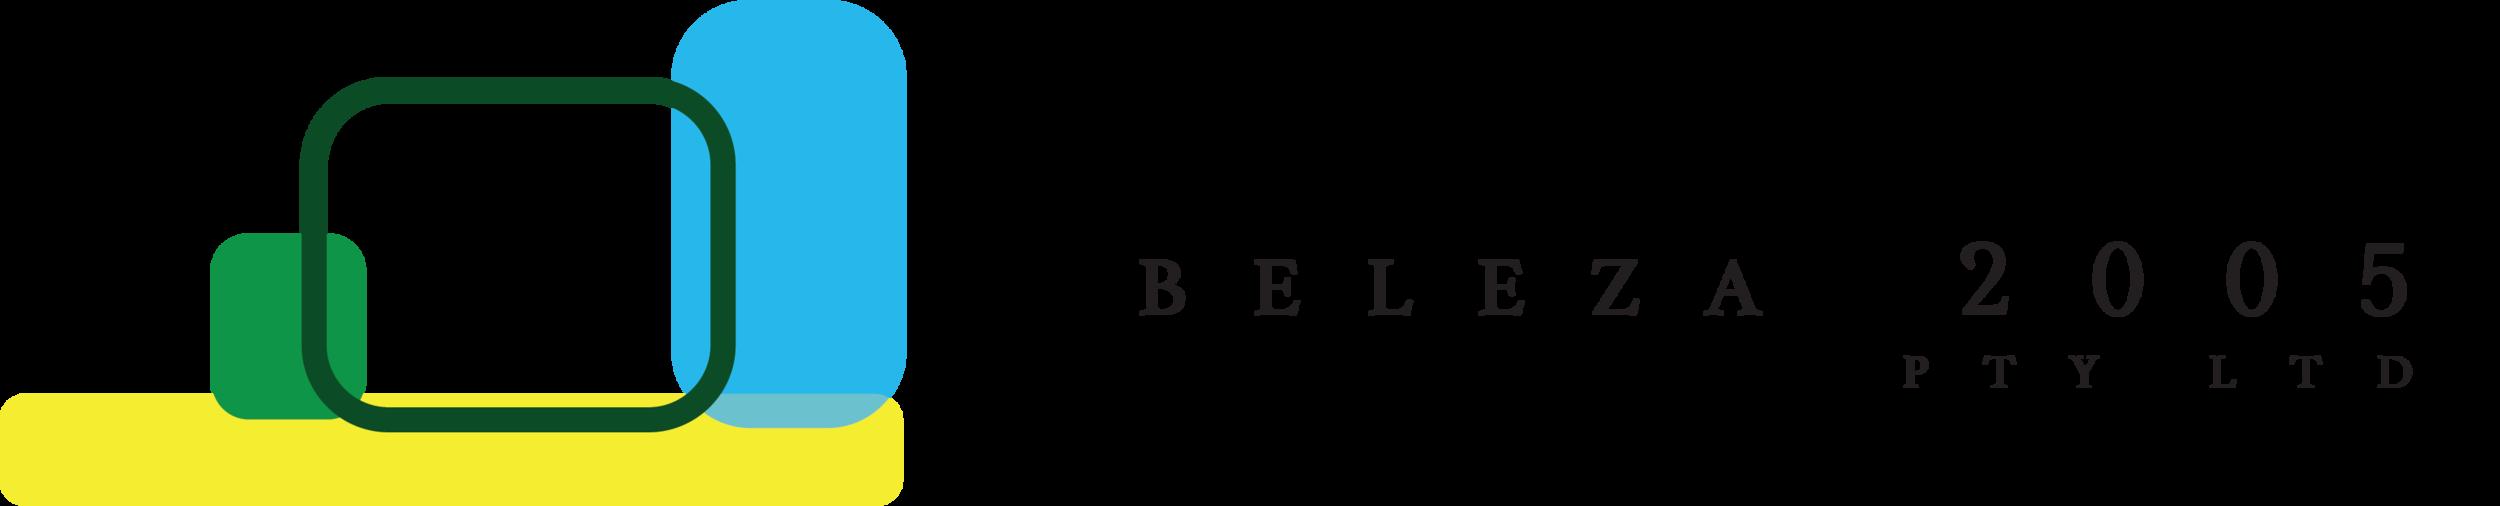 Beleza 2005 - Dec17.png